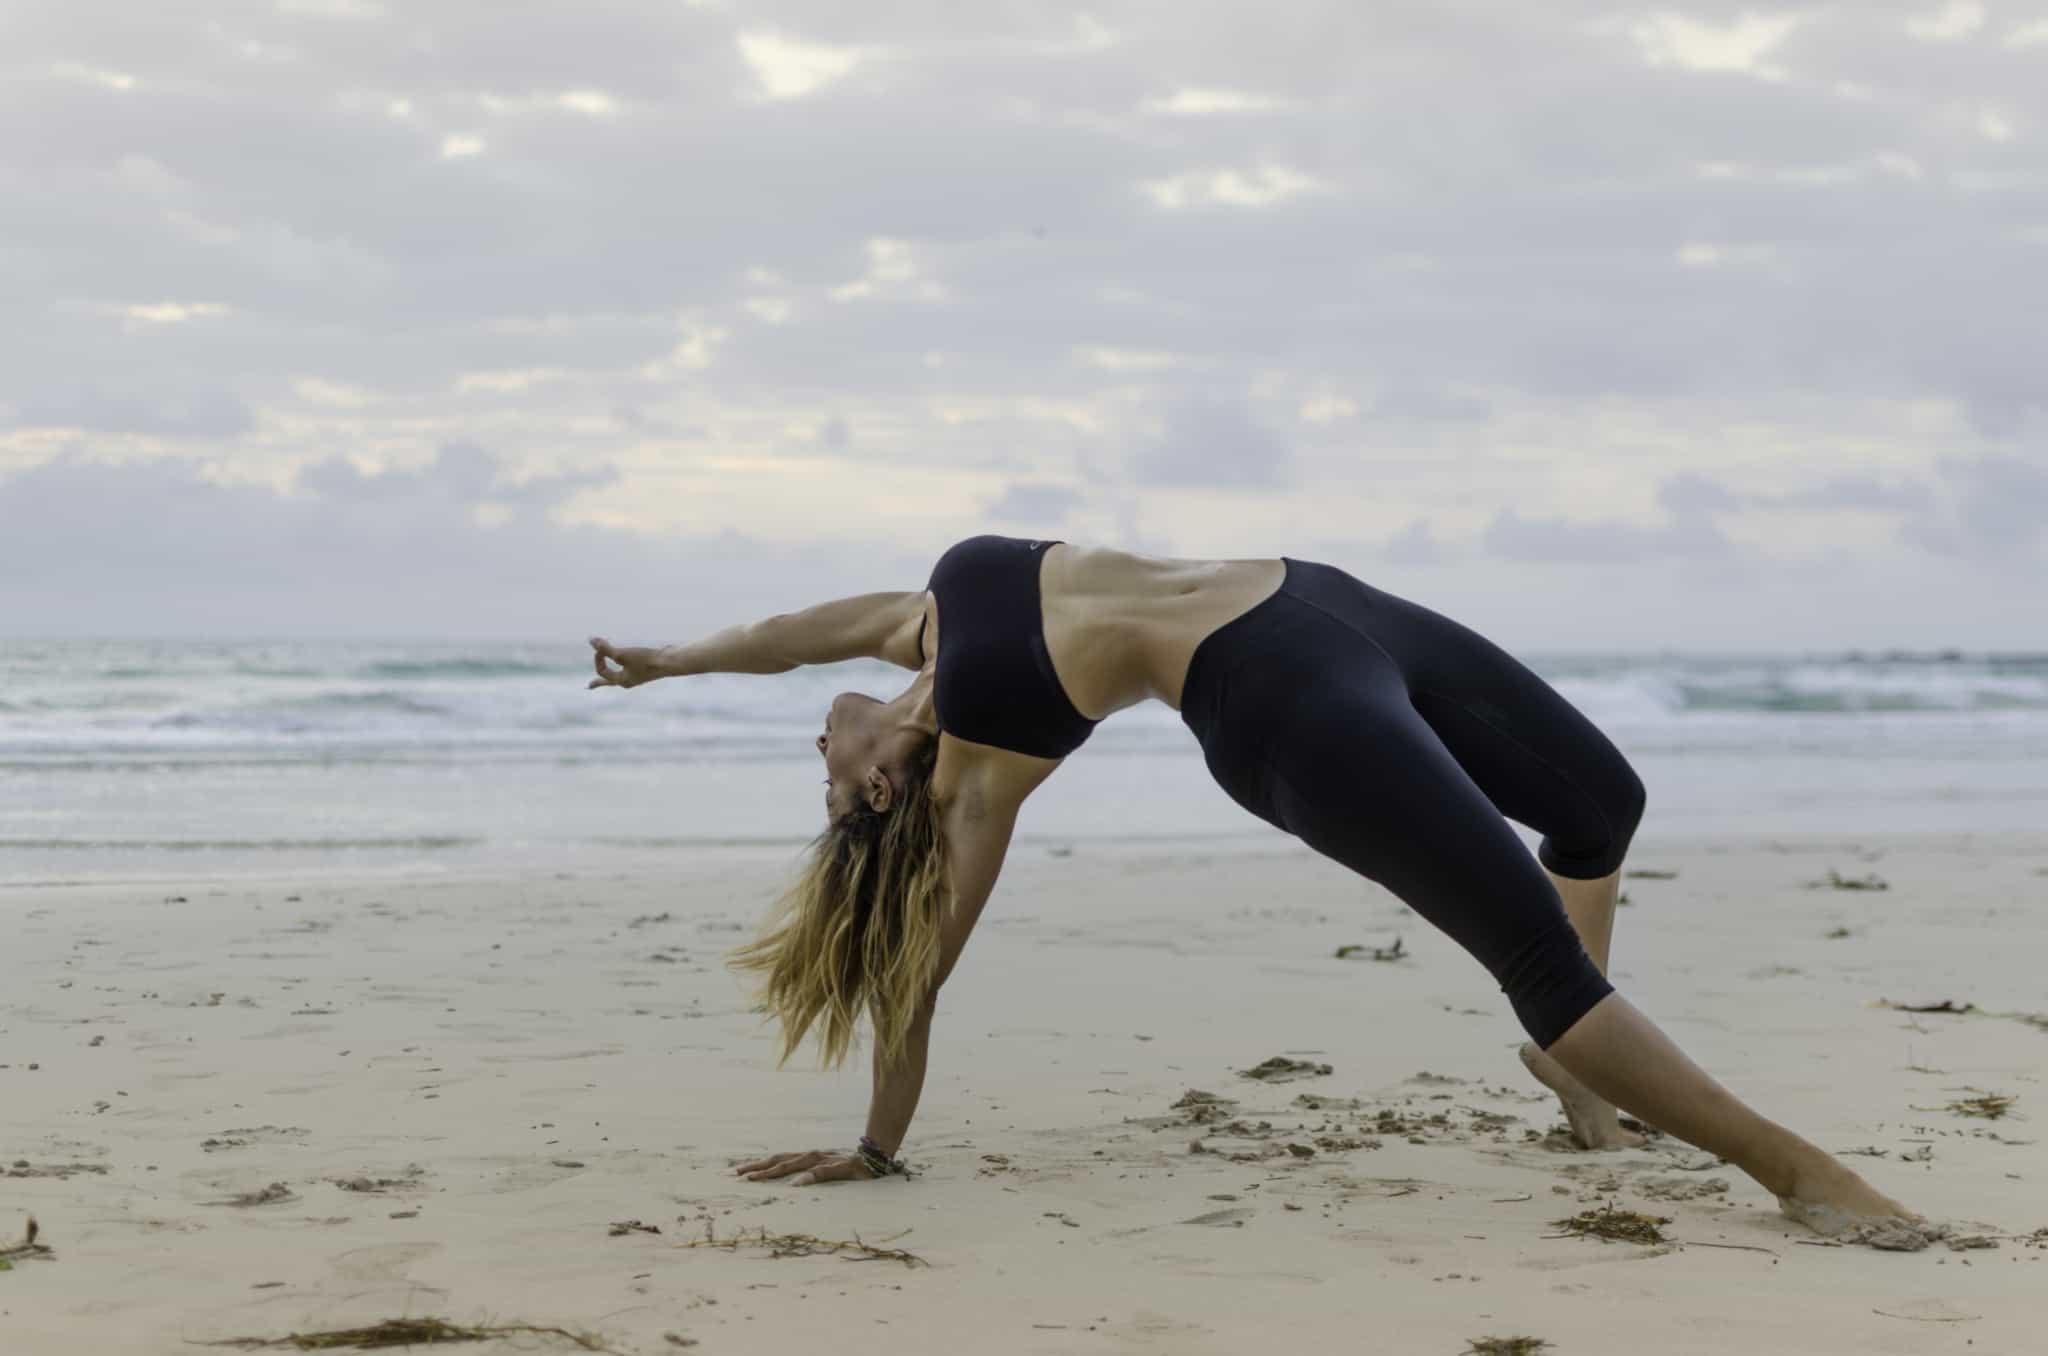 rapariga em posiçãod e yoga na praia